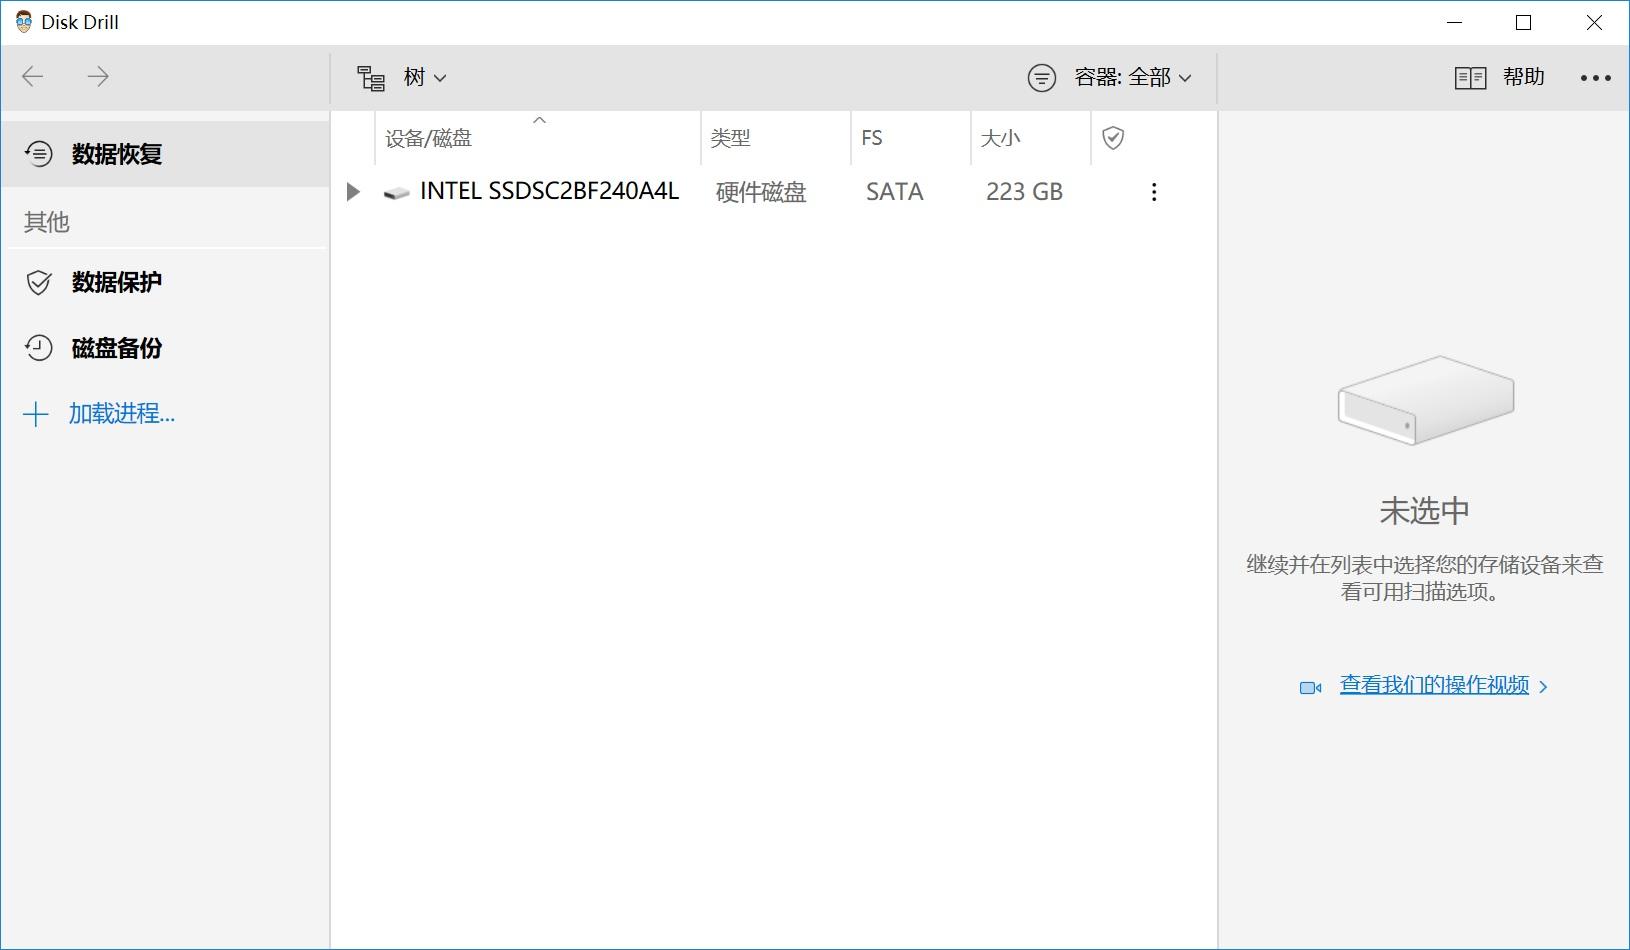 Disk Drill.jpg